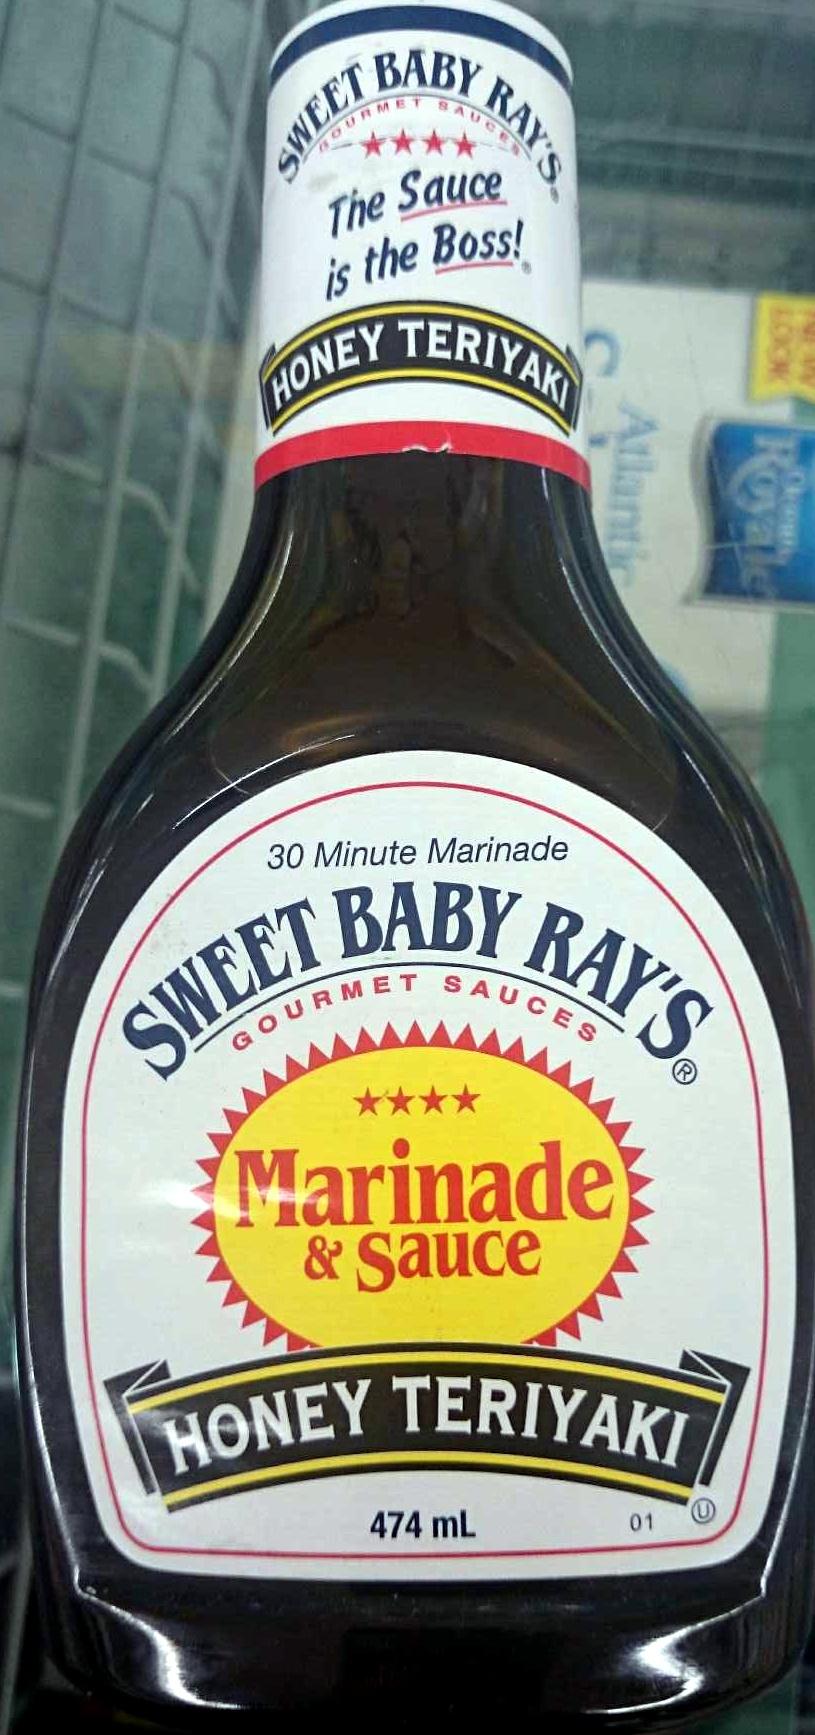 Honey Terriyaki Marinade & Sauce - Product - en